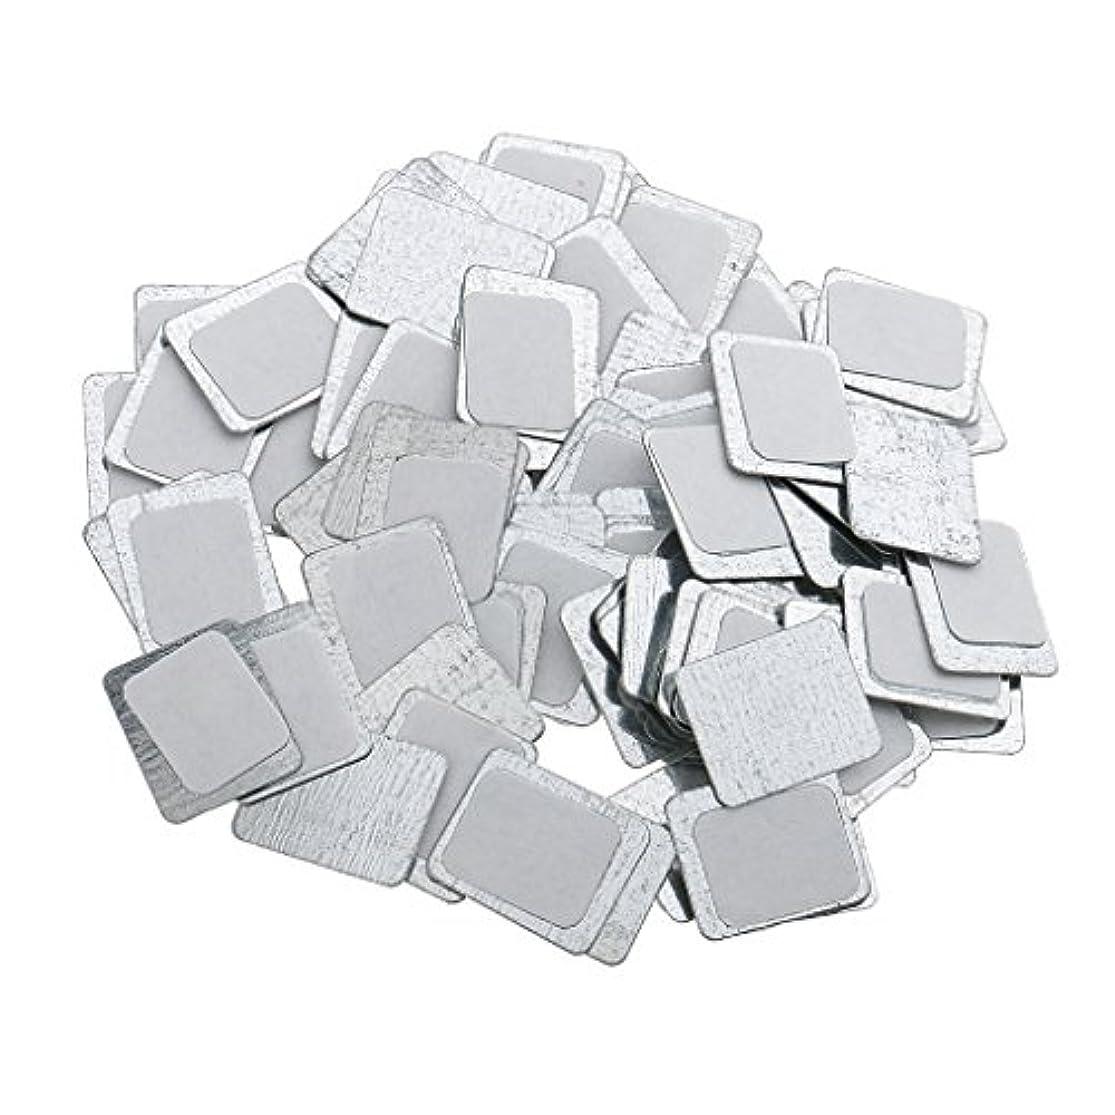 ばかミュウミュウ寂しいKesoto 約100個 メイクアップパン 空パン アイシャドー ブラッシュ メイクアップ 磁気パレットボックスケース 2タイプ選べ - スクエア